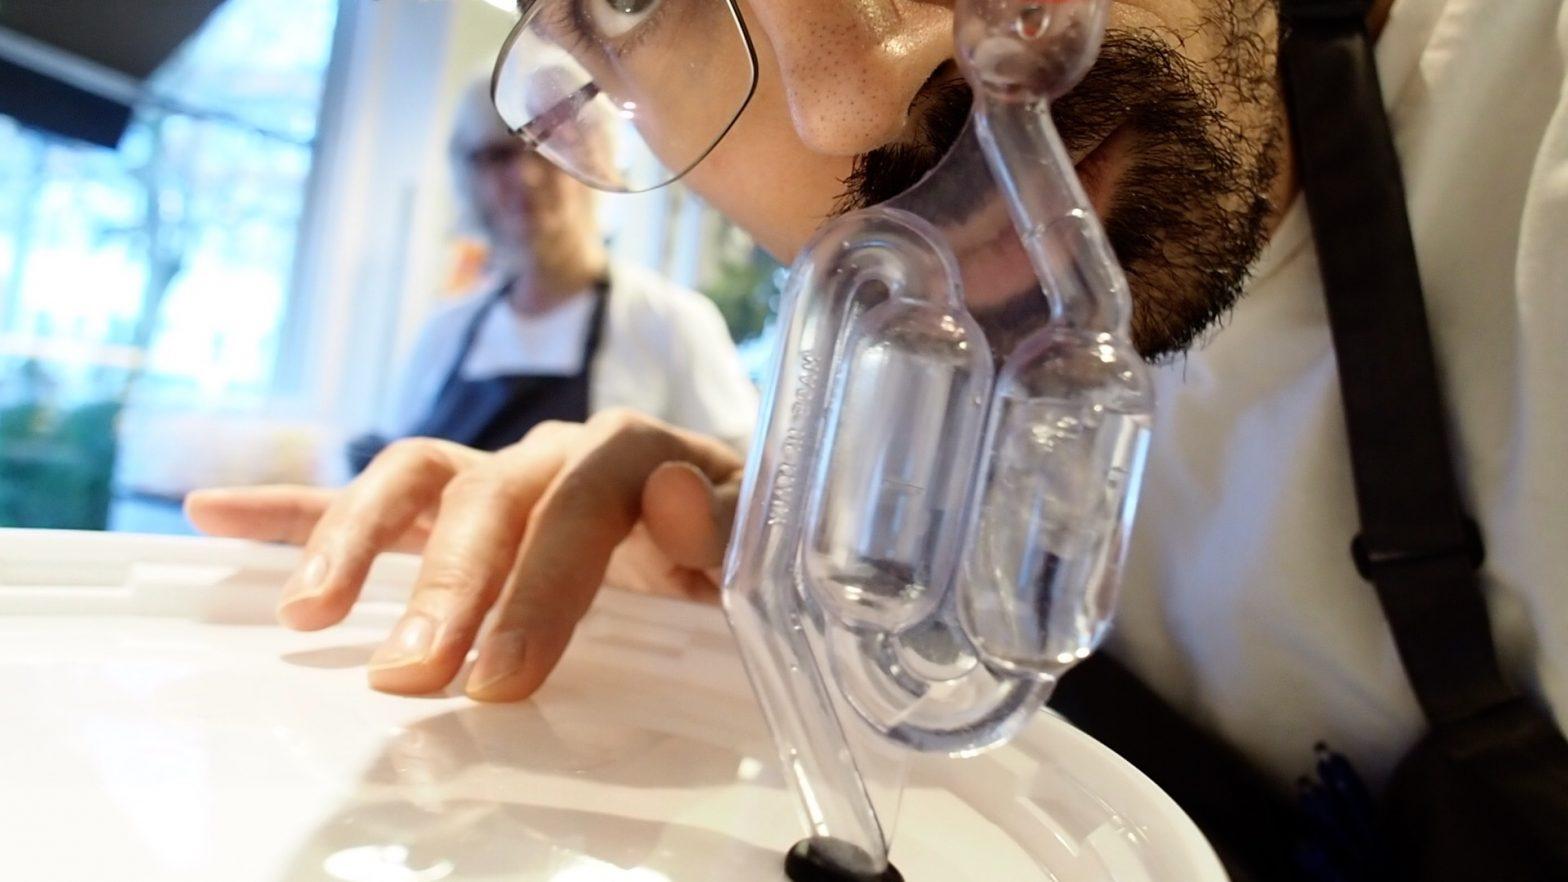 Cider Ep. 4 Glashåndgranater